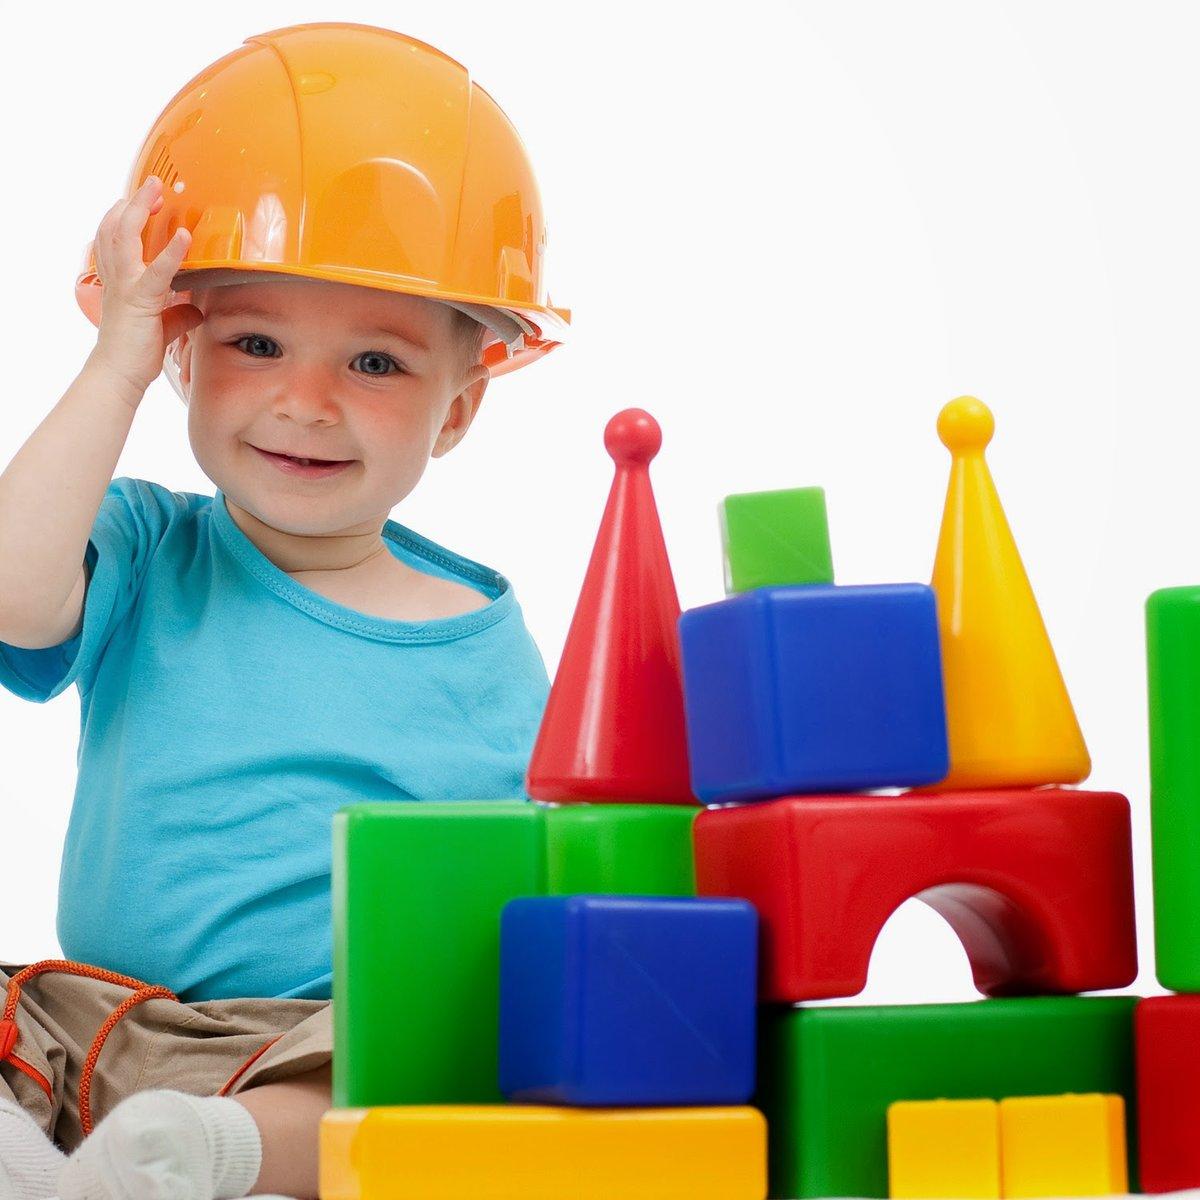 Картинка дети играют с конструктором